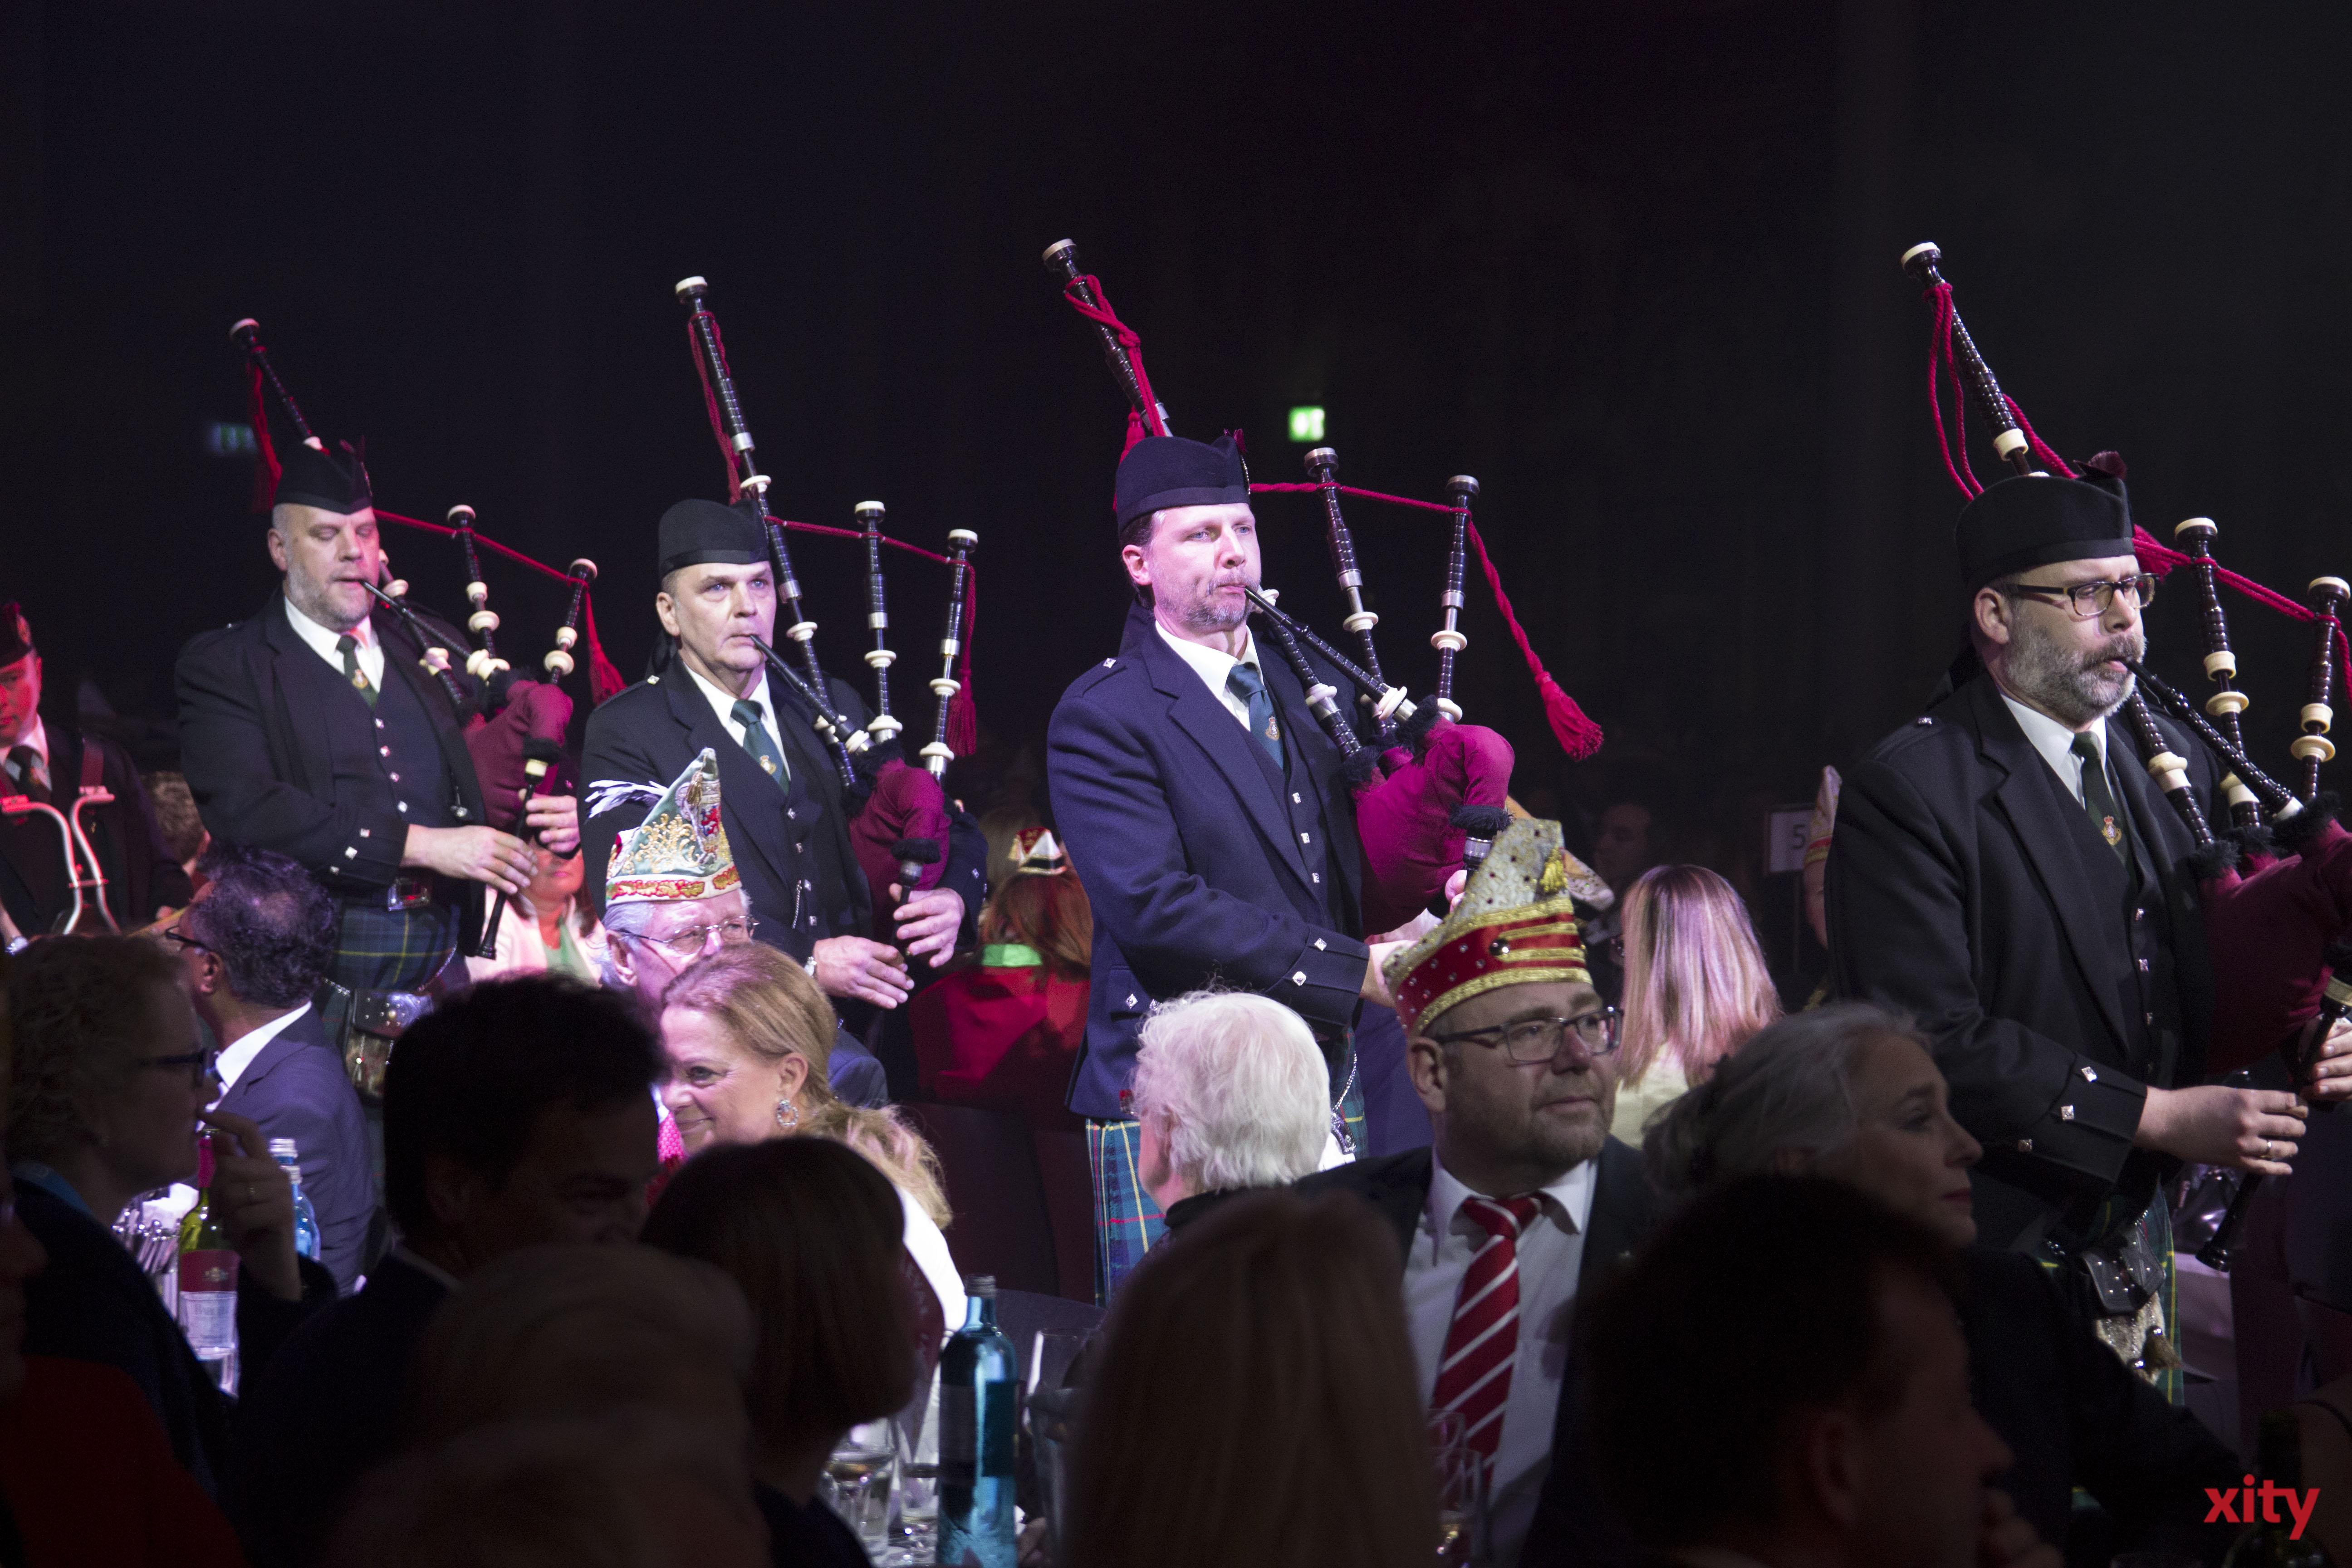 In Kilts und mit Dudelsäcken kamen die Rhine Area Pipes & Drums auf die Bühne (Foto: xity)